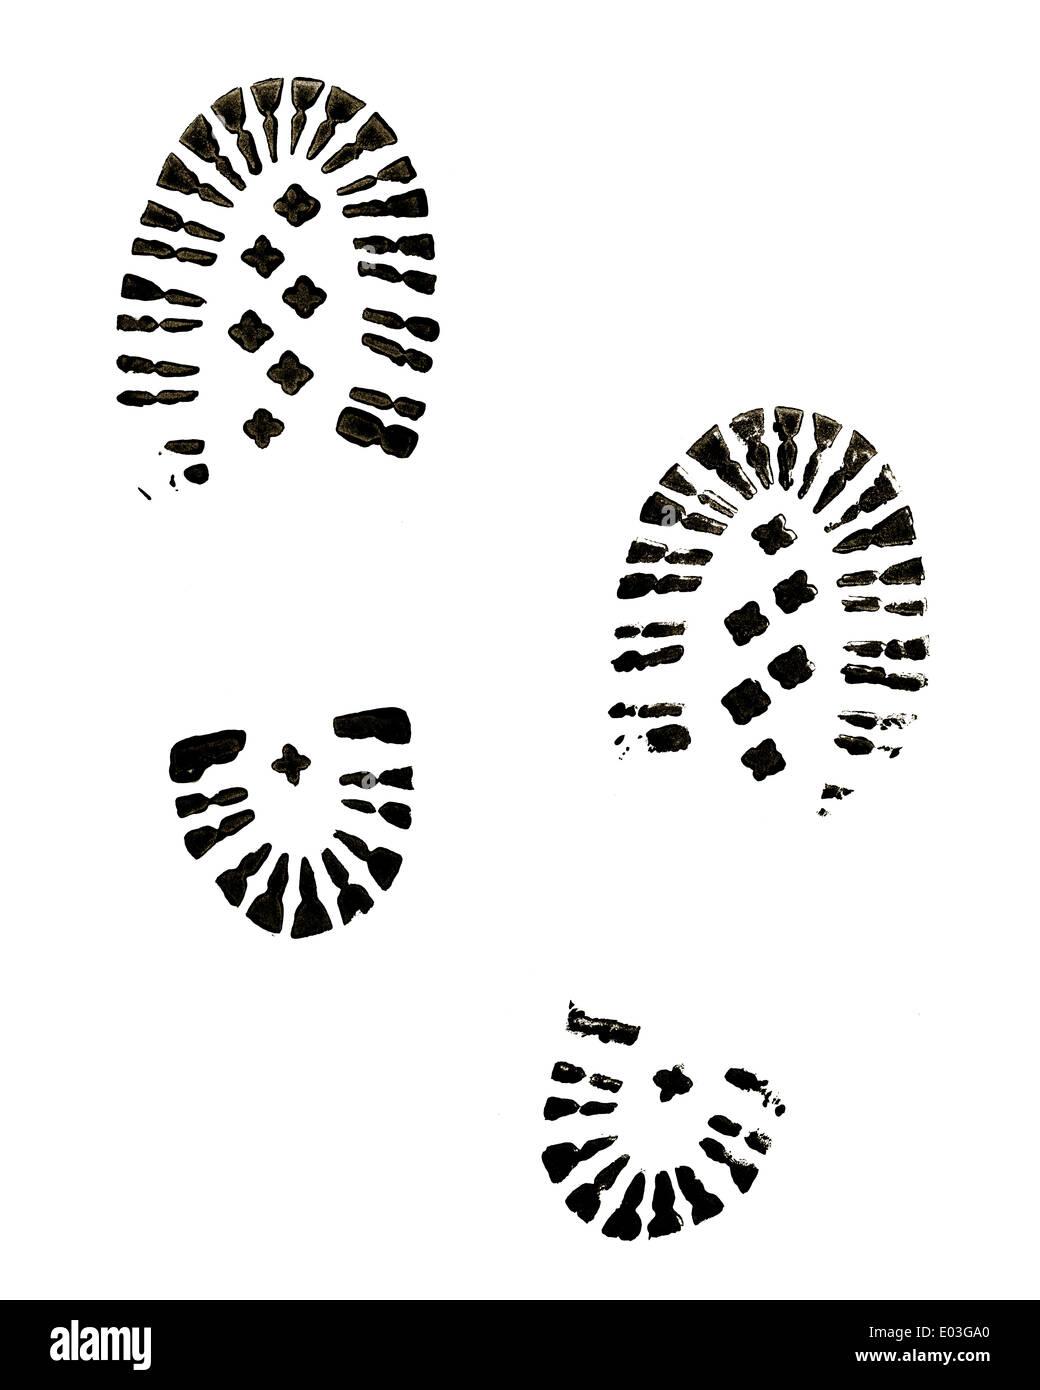 Funda negra imprime aislado sobre fondo blanco. Imagen De Stock